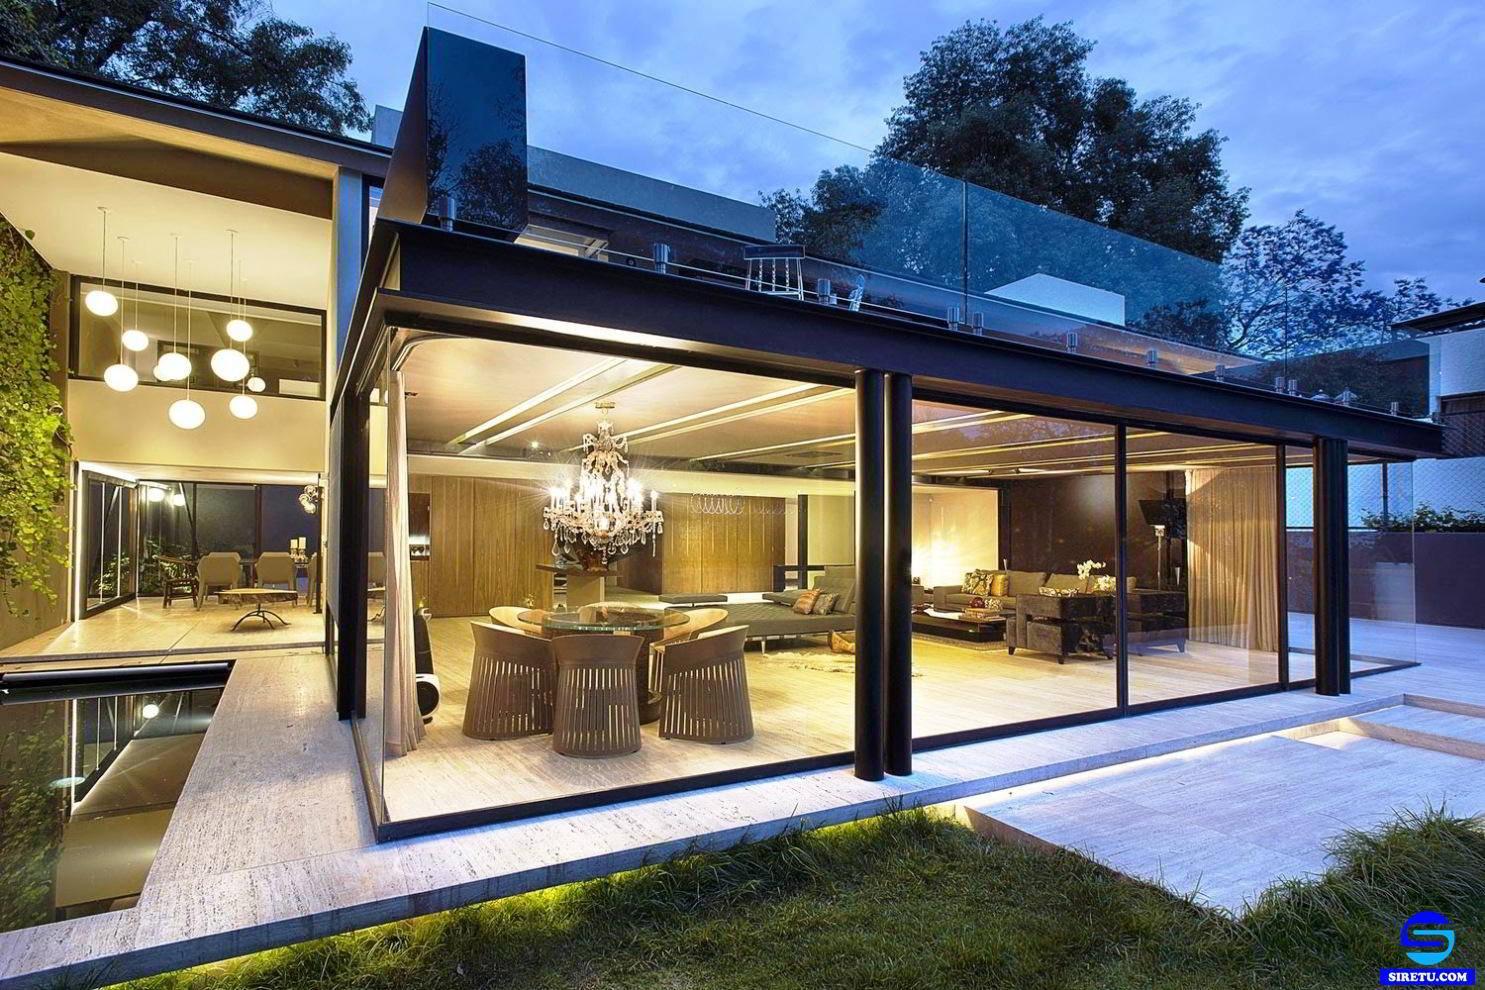 73 Gambar Desain Tampak Depan Rumah Minimalis Full Kaca Paling Terkenal -  Deagam Design